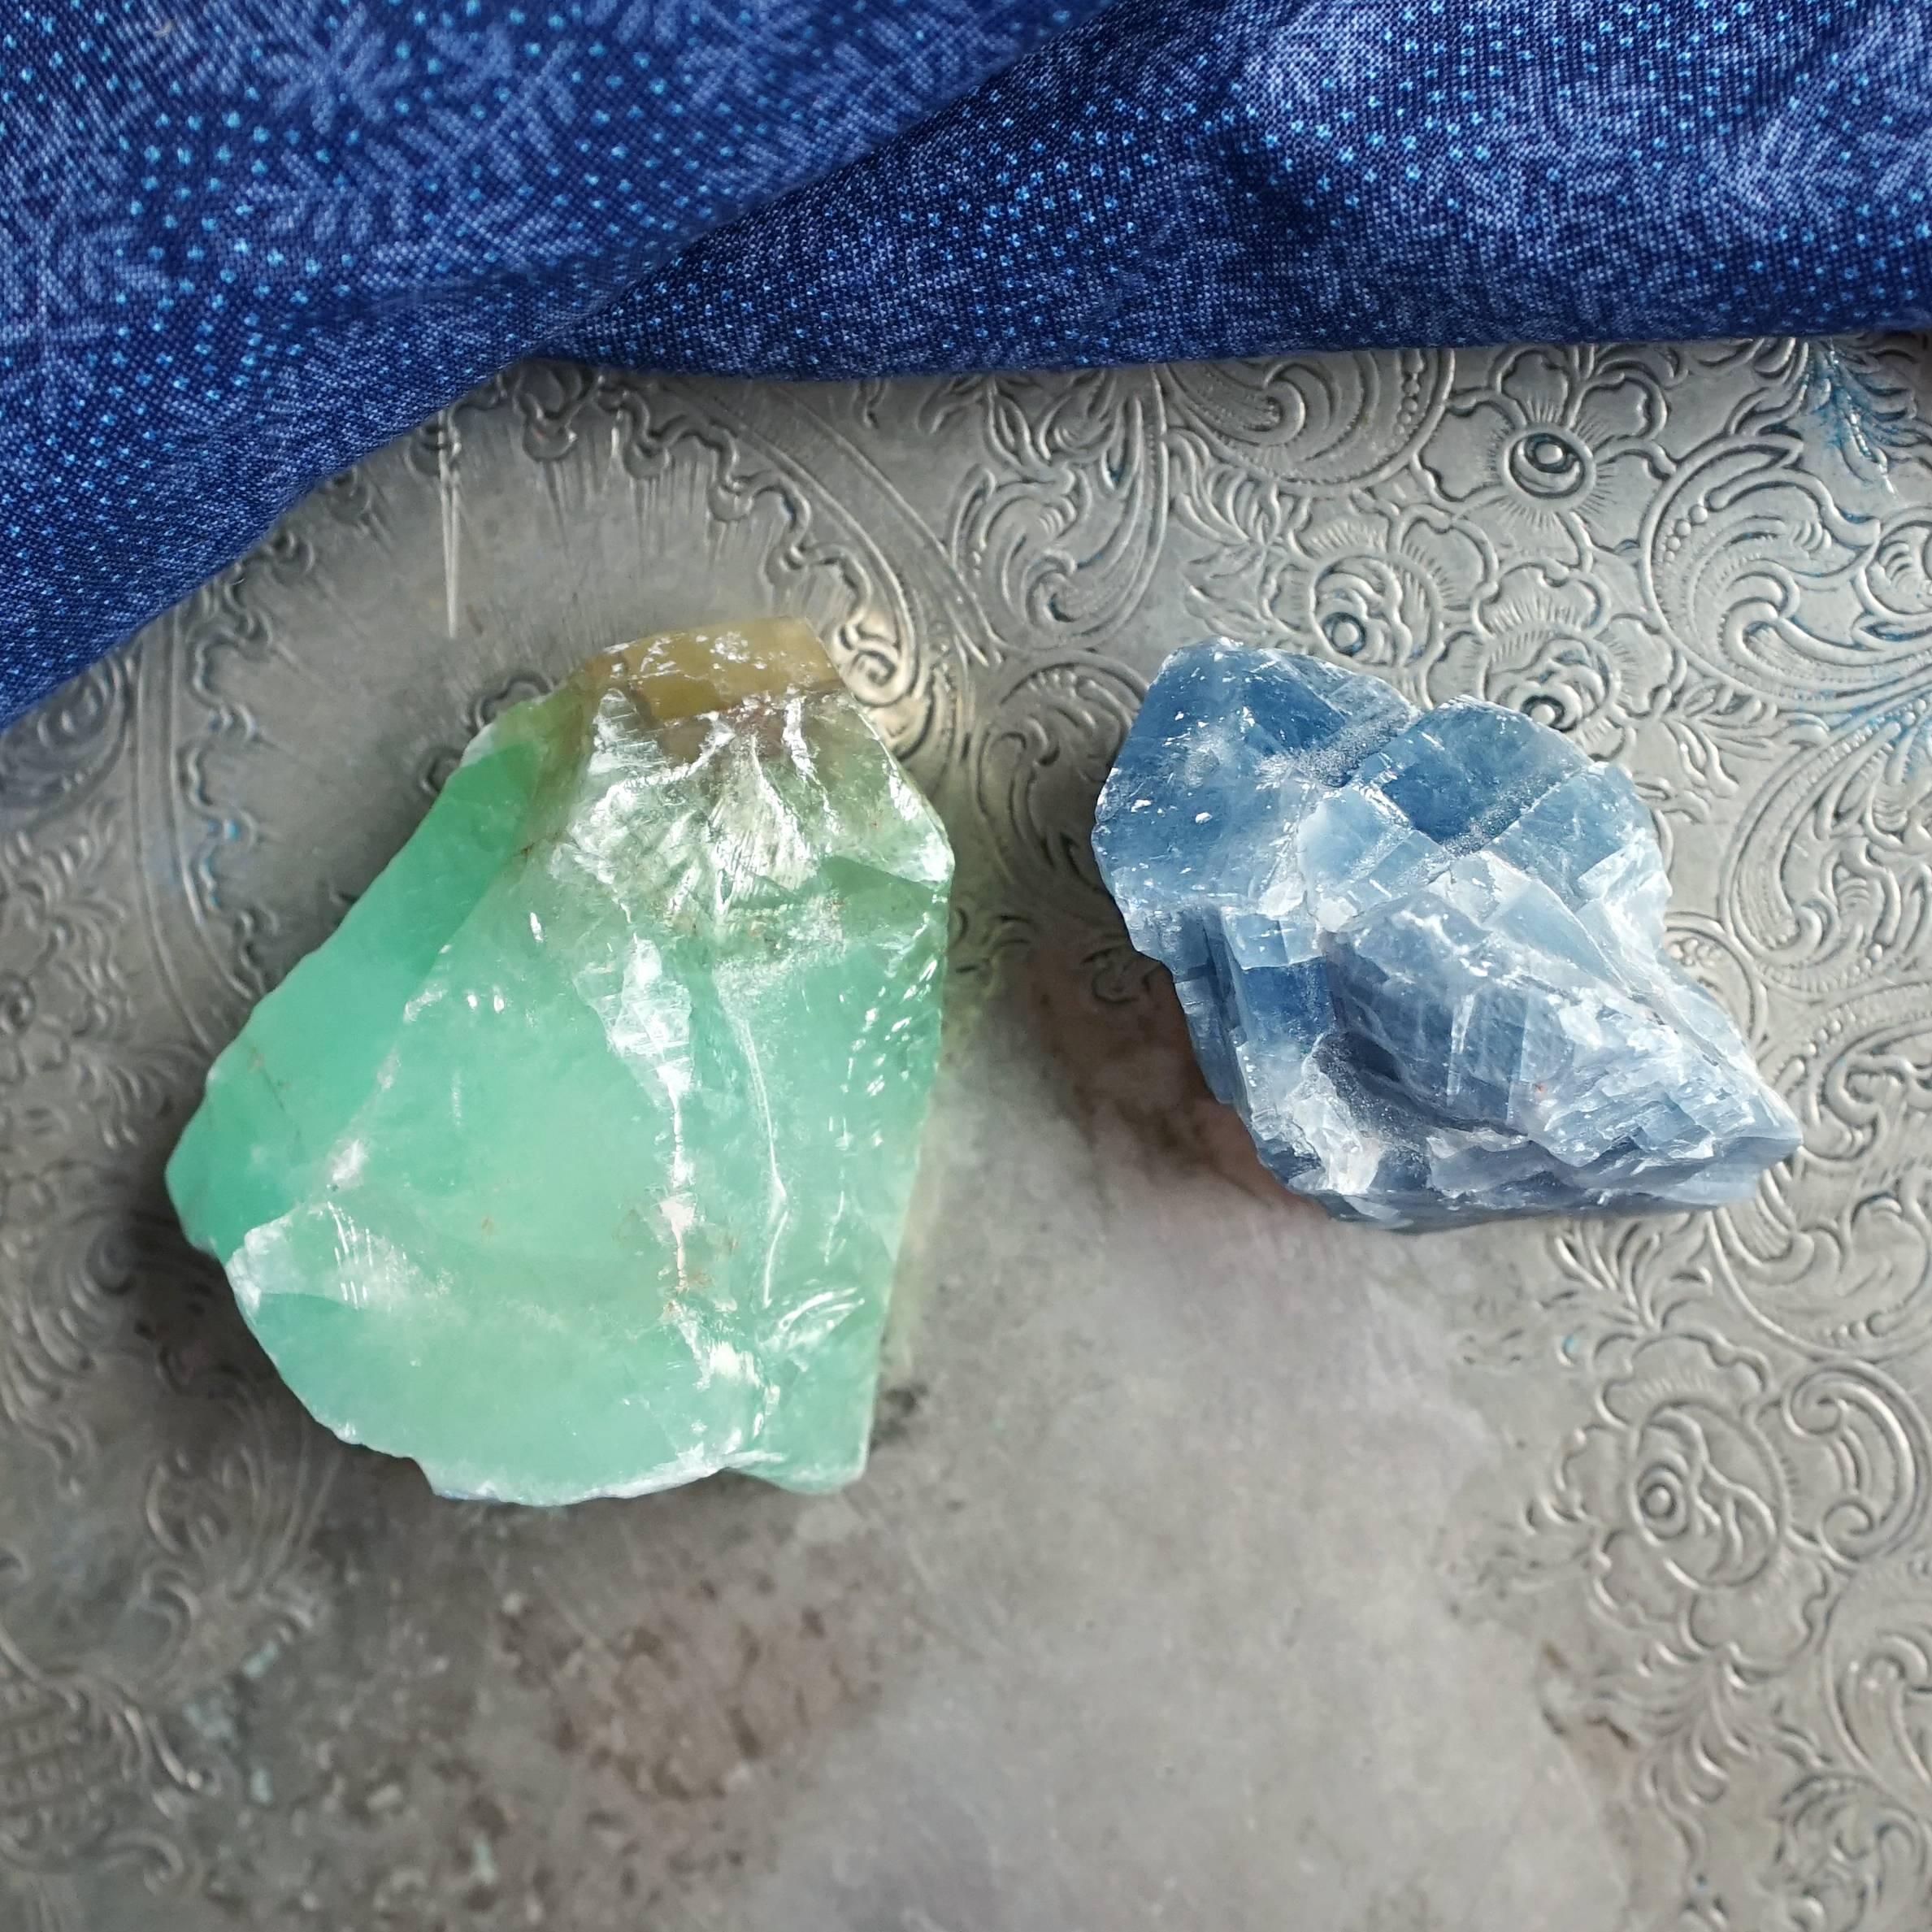 hamsa stone set